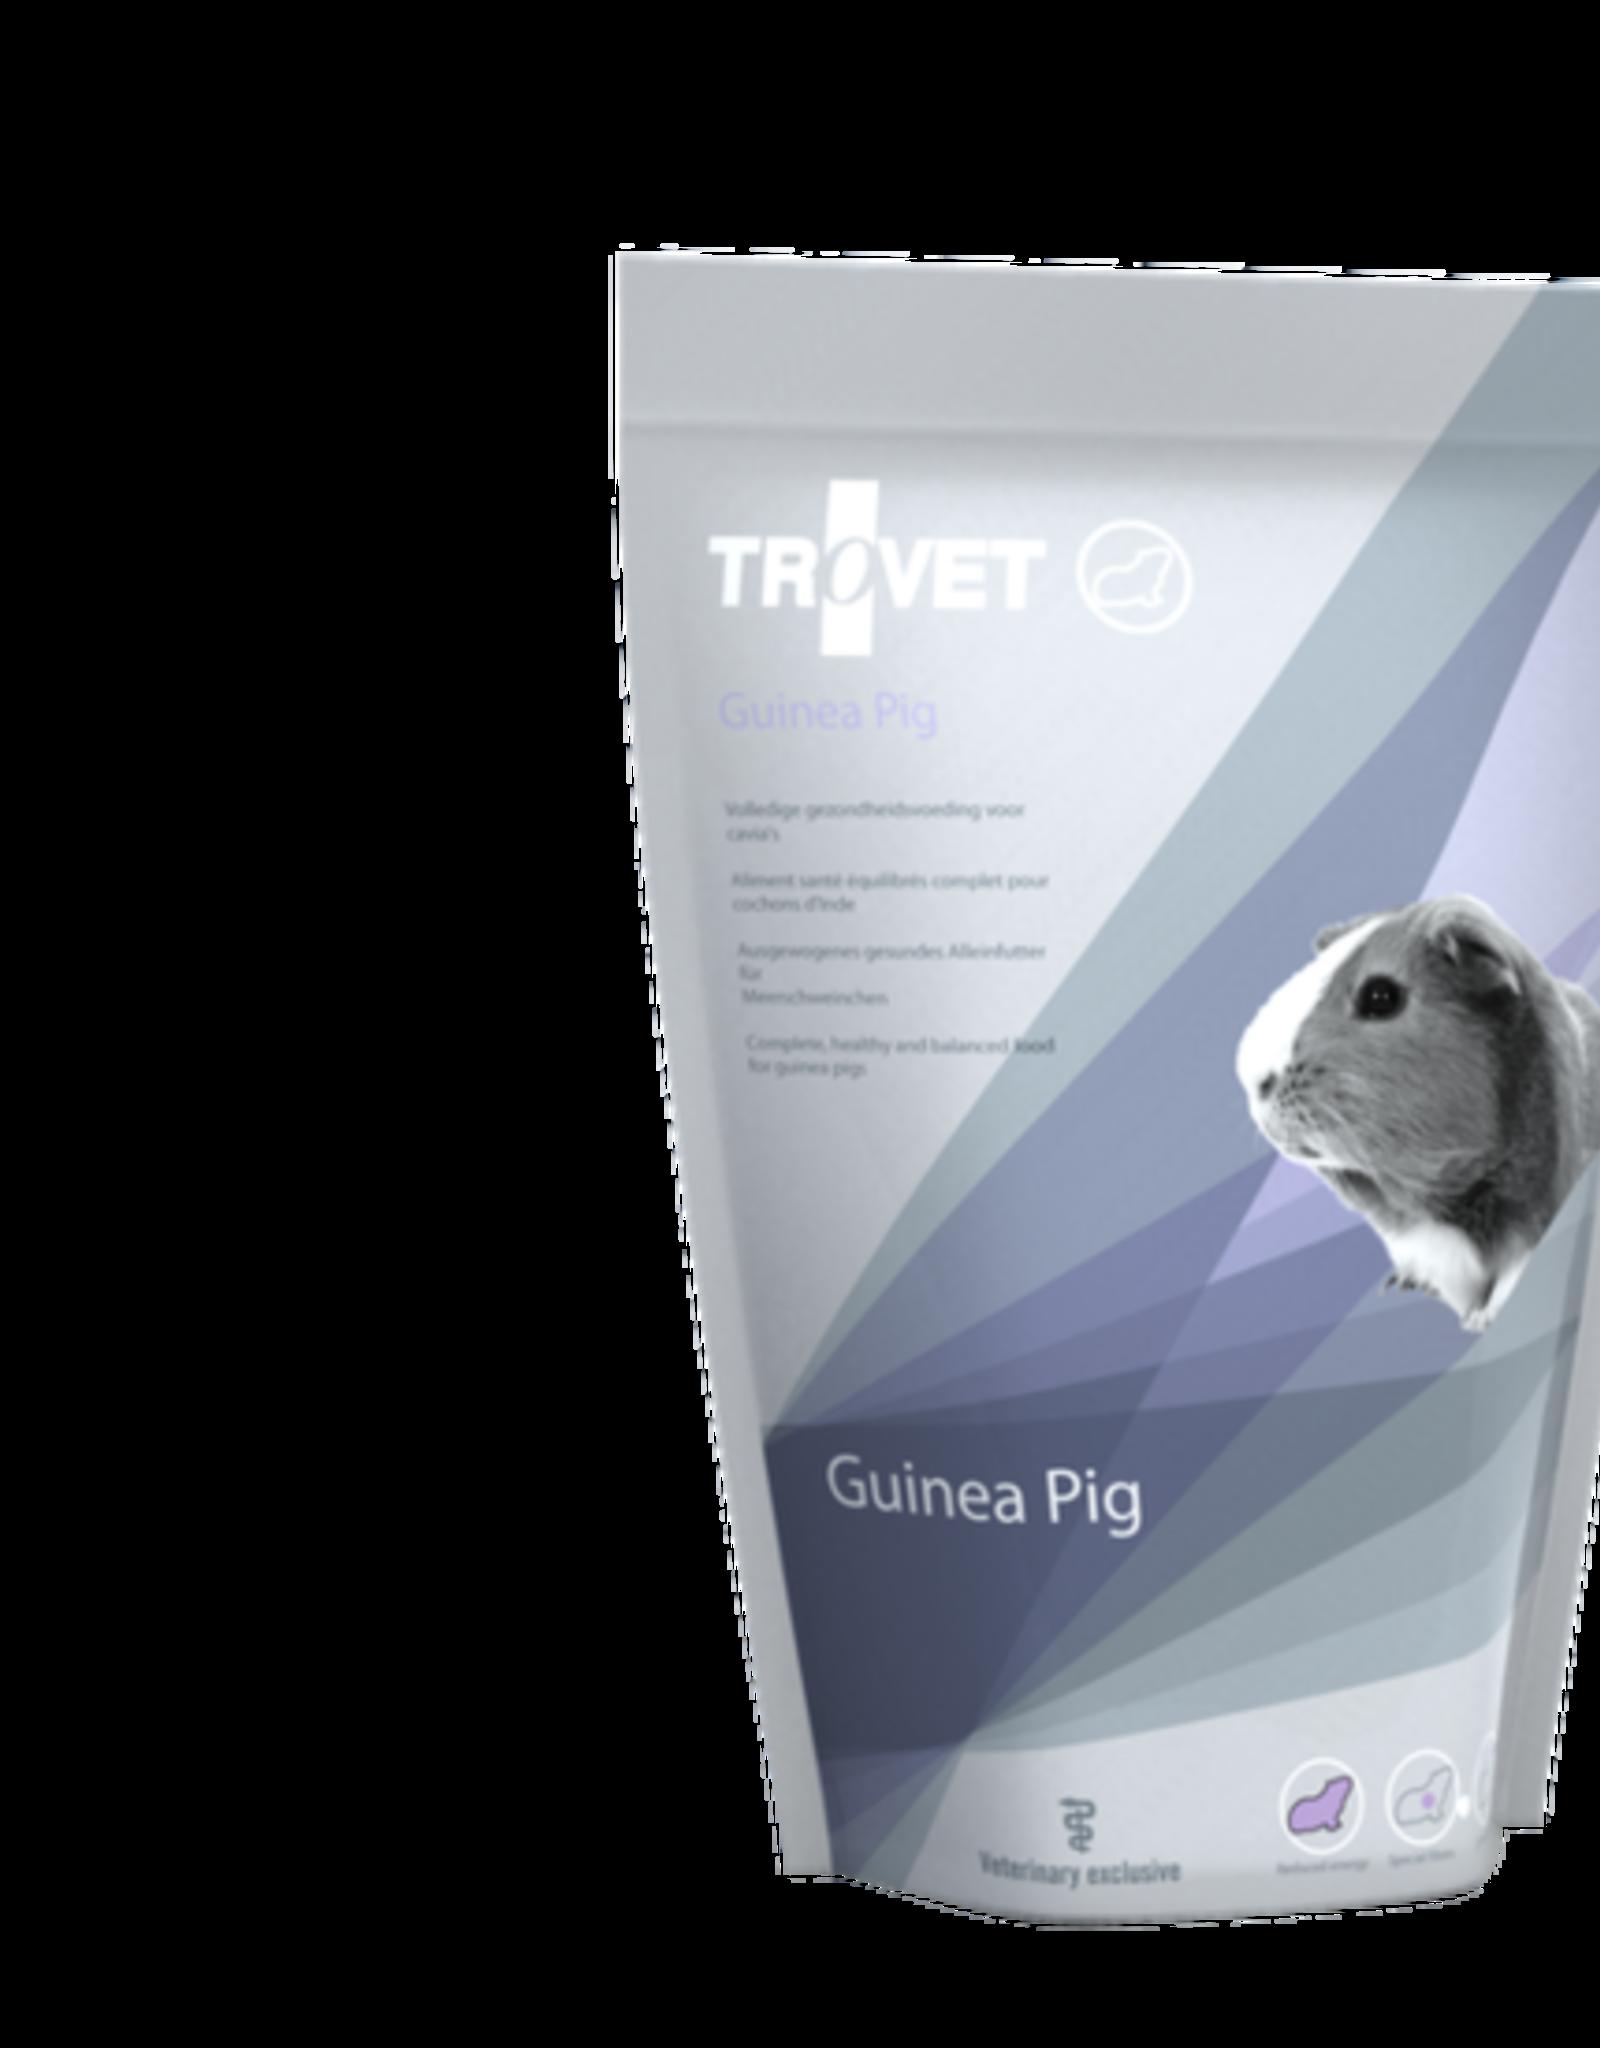 Trovet Trovet Ghf Guinea Pig 275g